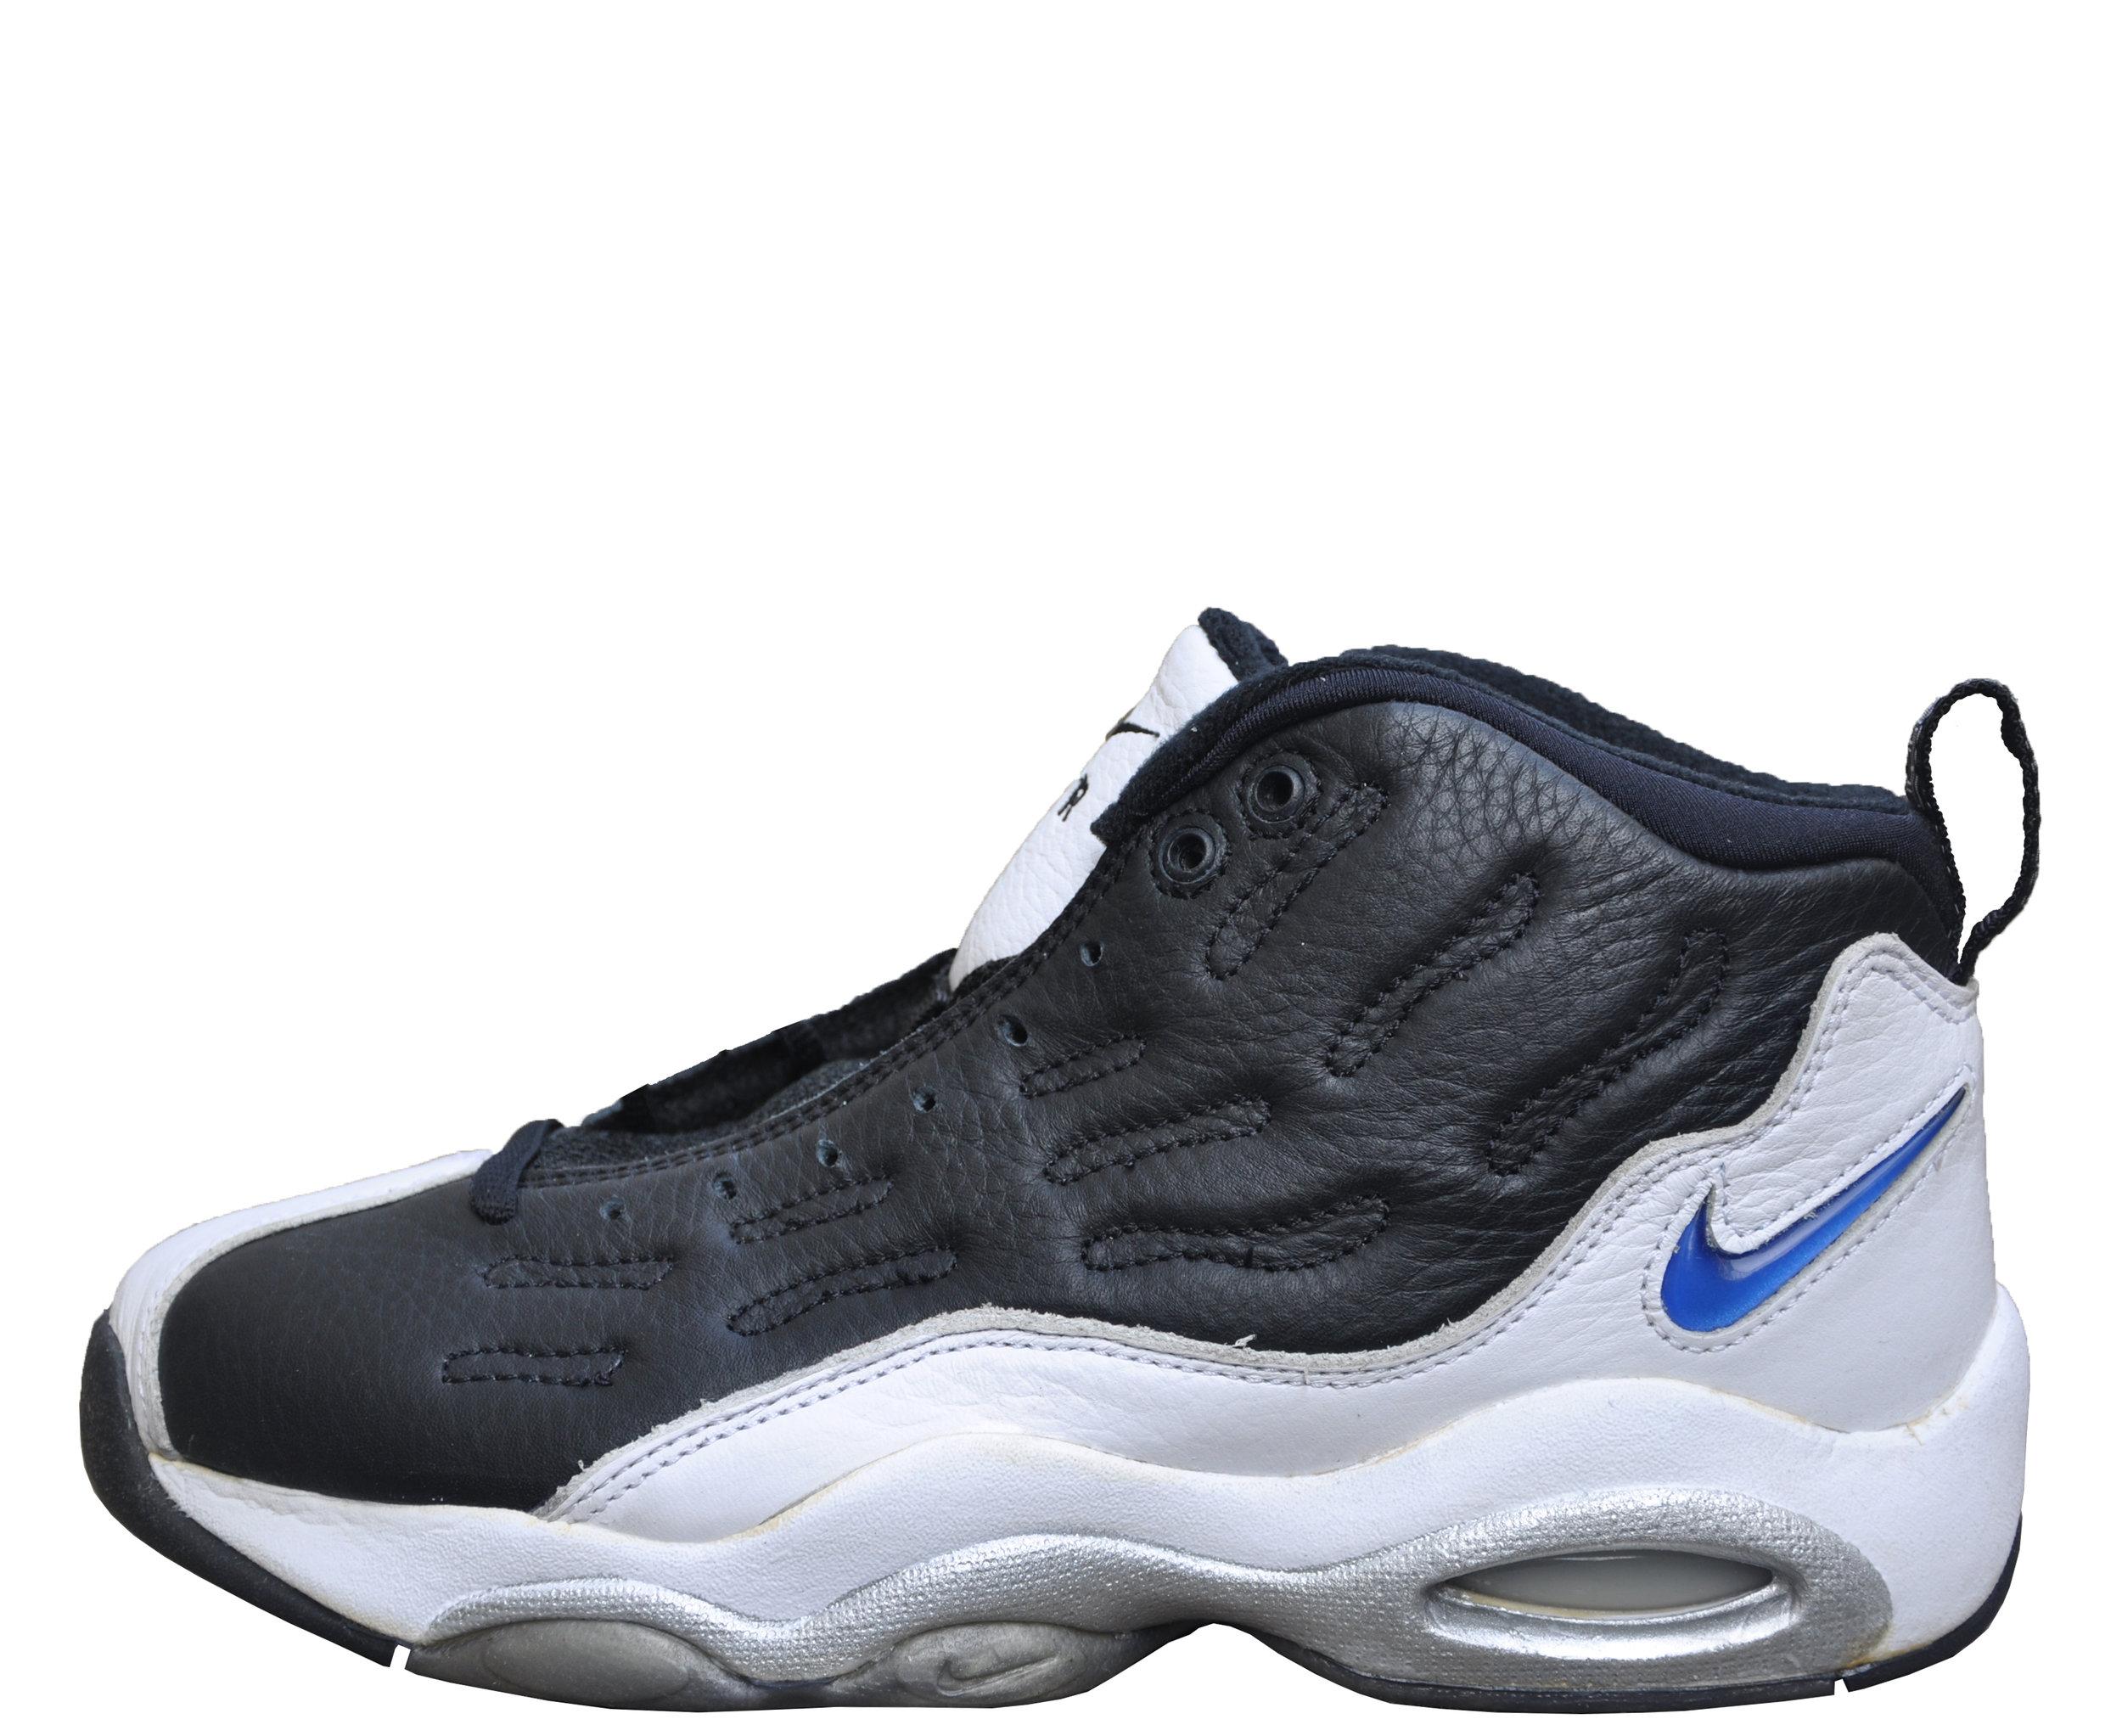 Nike Air Garnett 1 Black / Royal